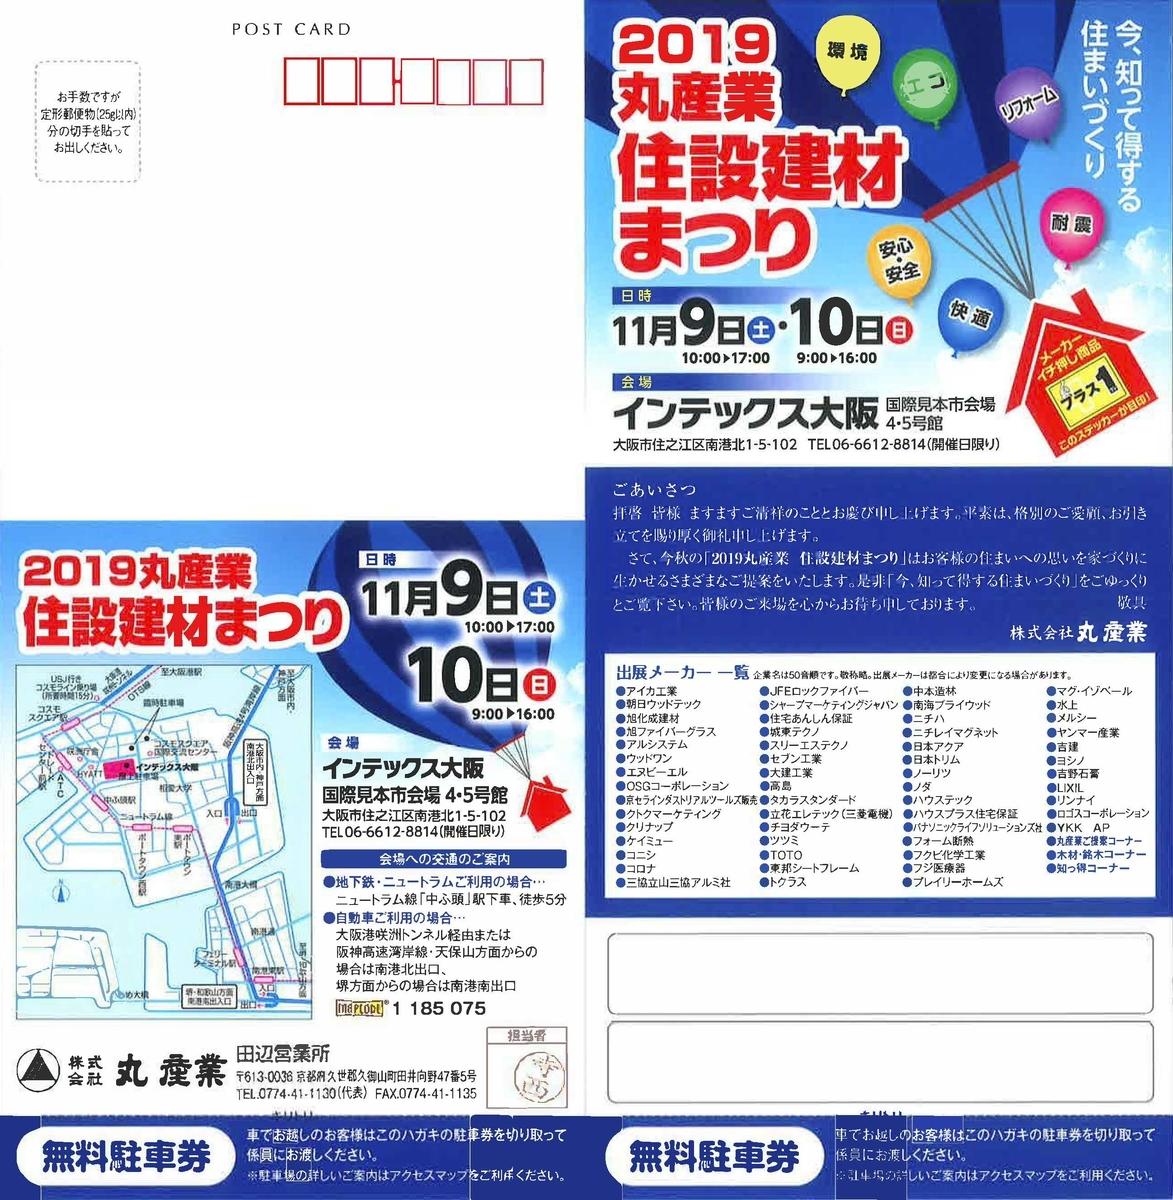 f:id:inagaki-kenzai:20190920141930j:plain